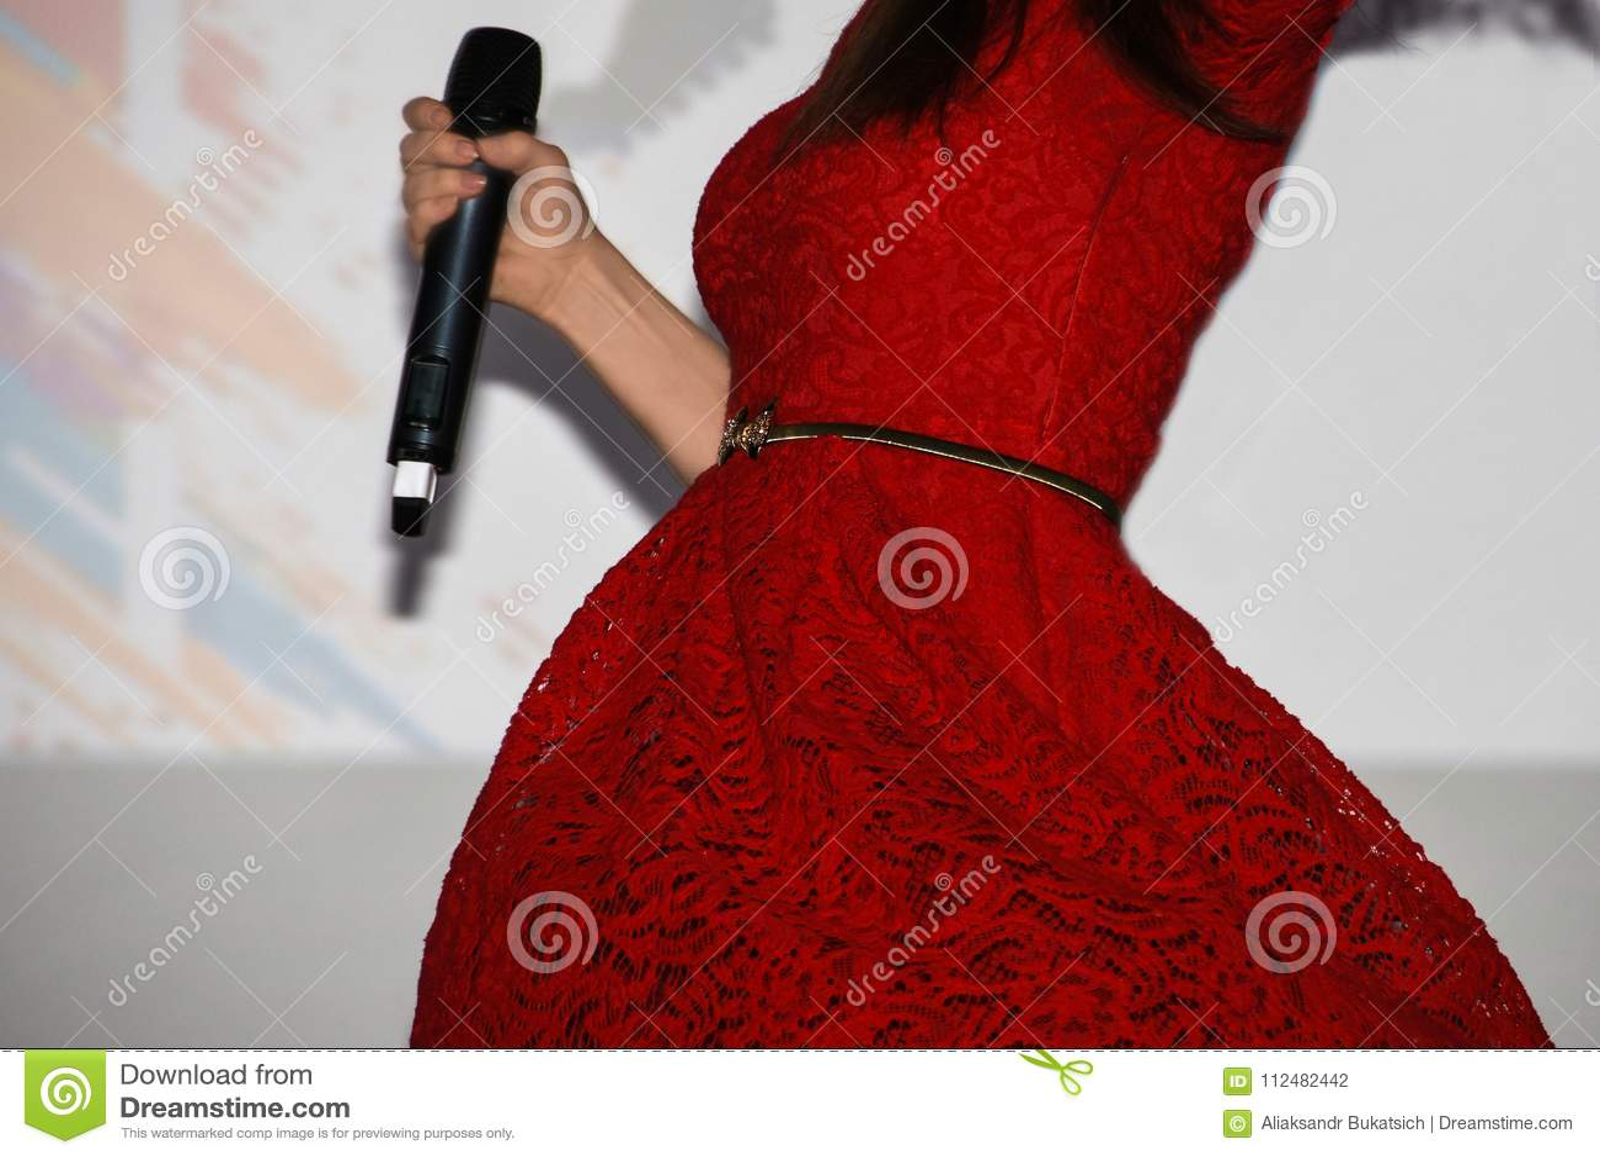 Певица девушки в ярком красном платье держит микрофон в ее руке и водоворотах